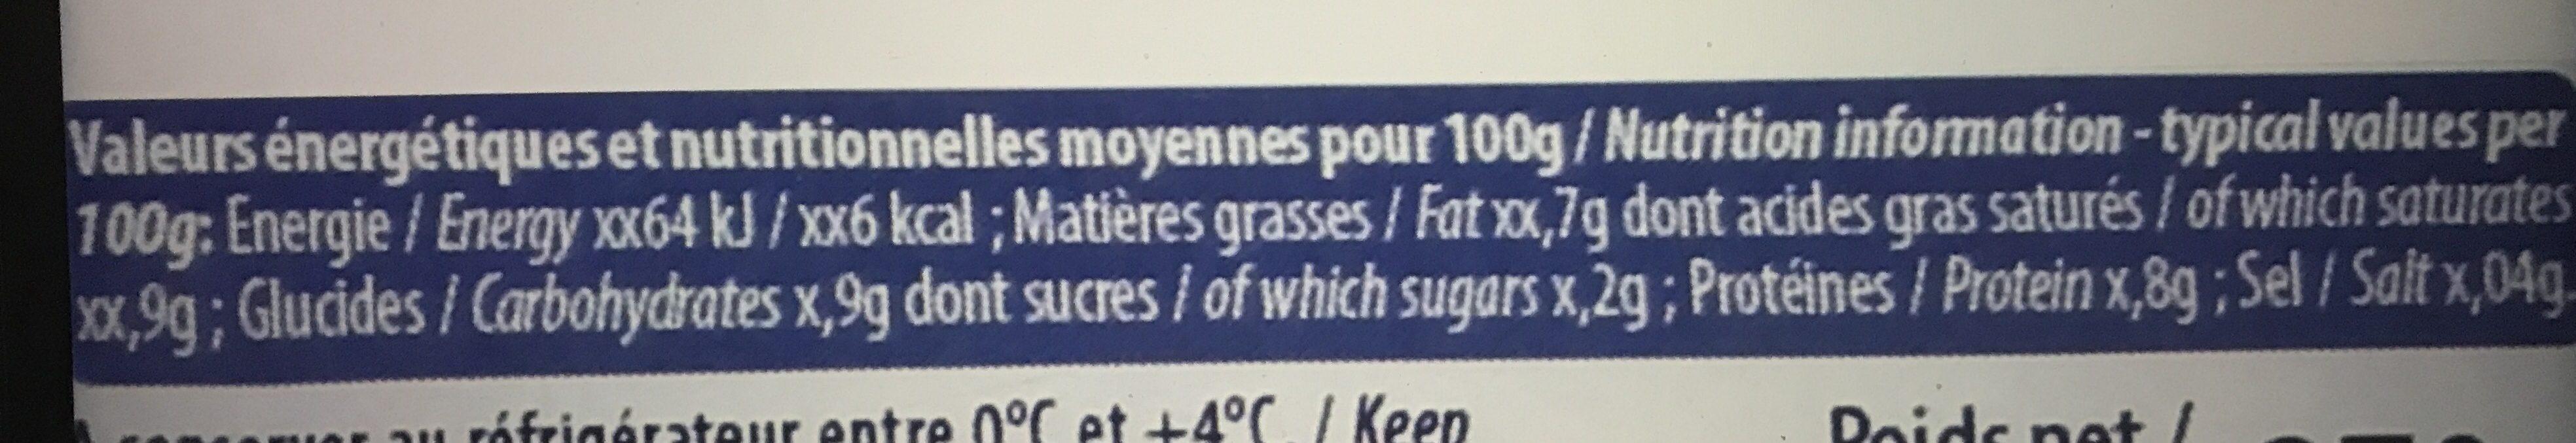 Le Foie Gras de Canard Entier du Sud-Ouest - Ingrediënten - fr